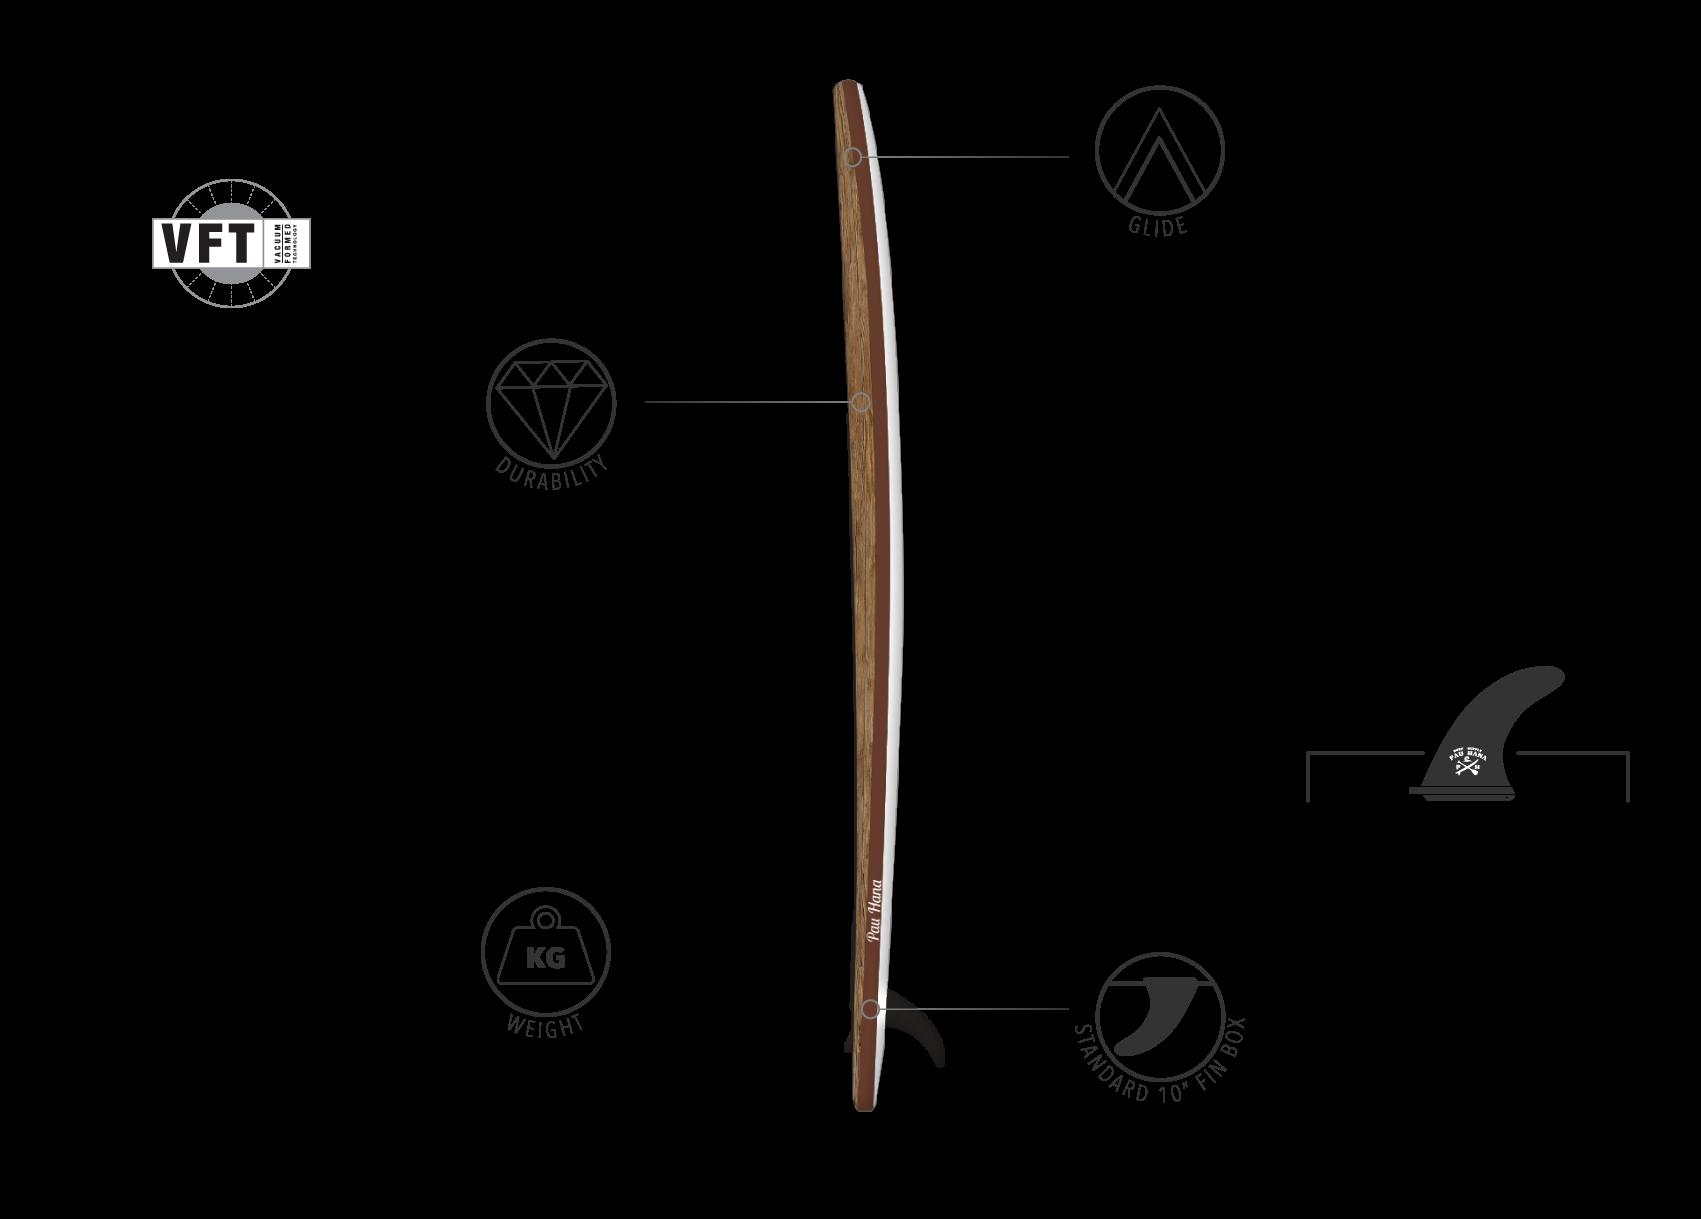 Malibu Classic Board features